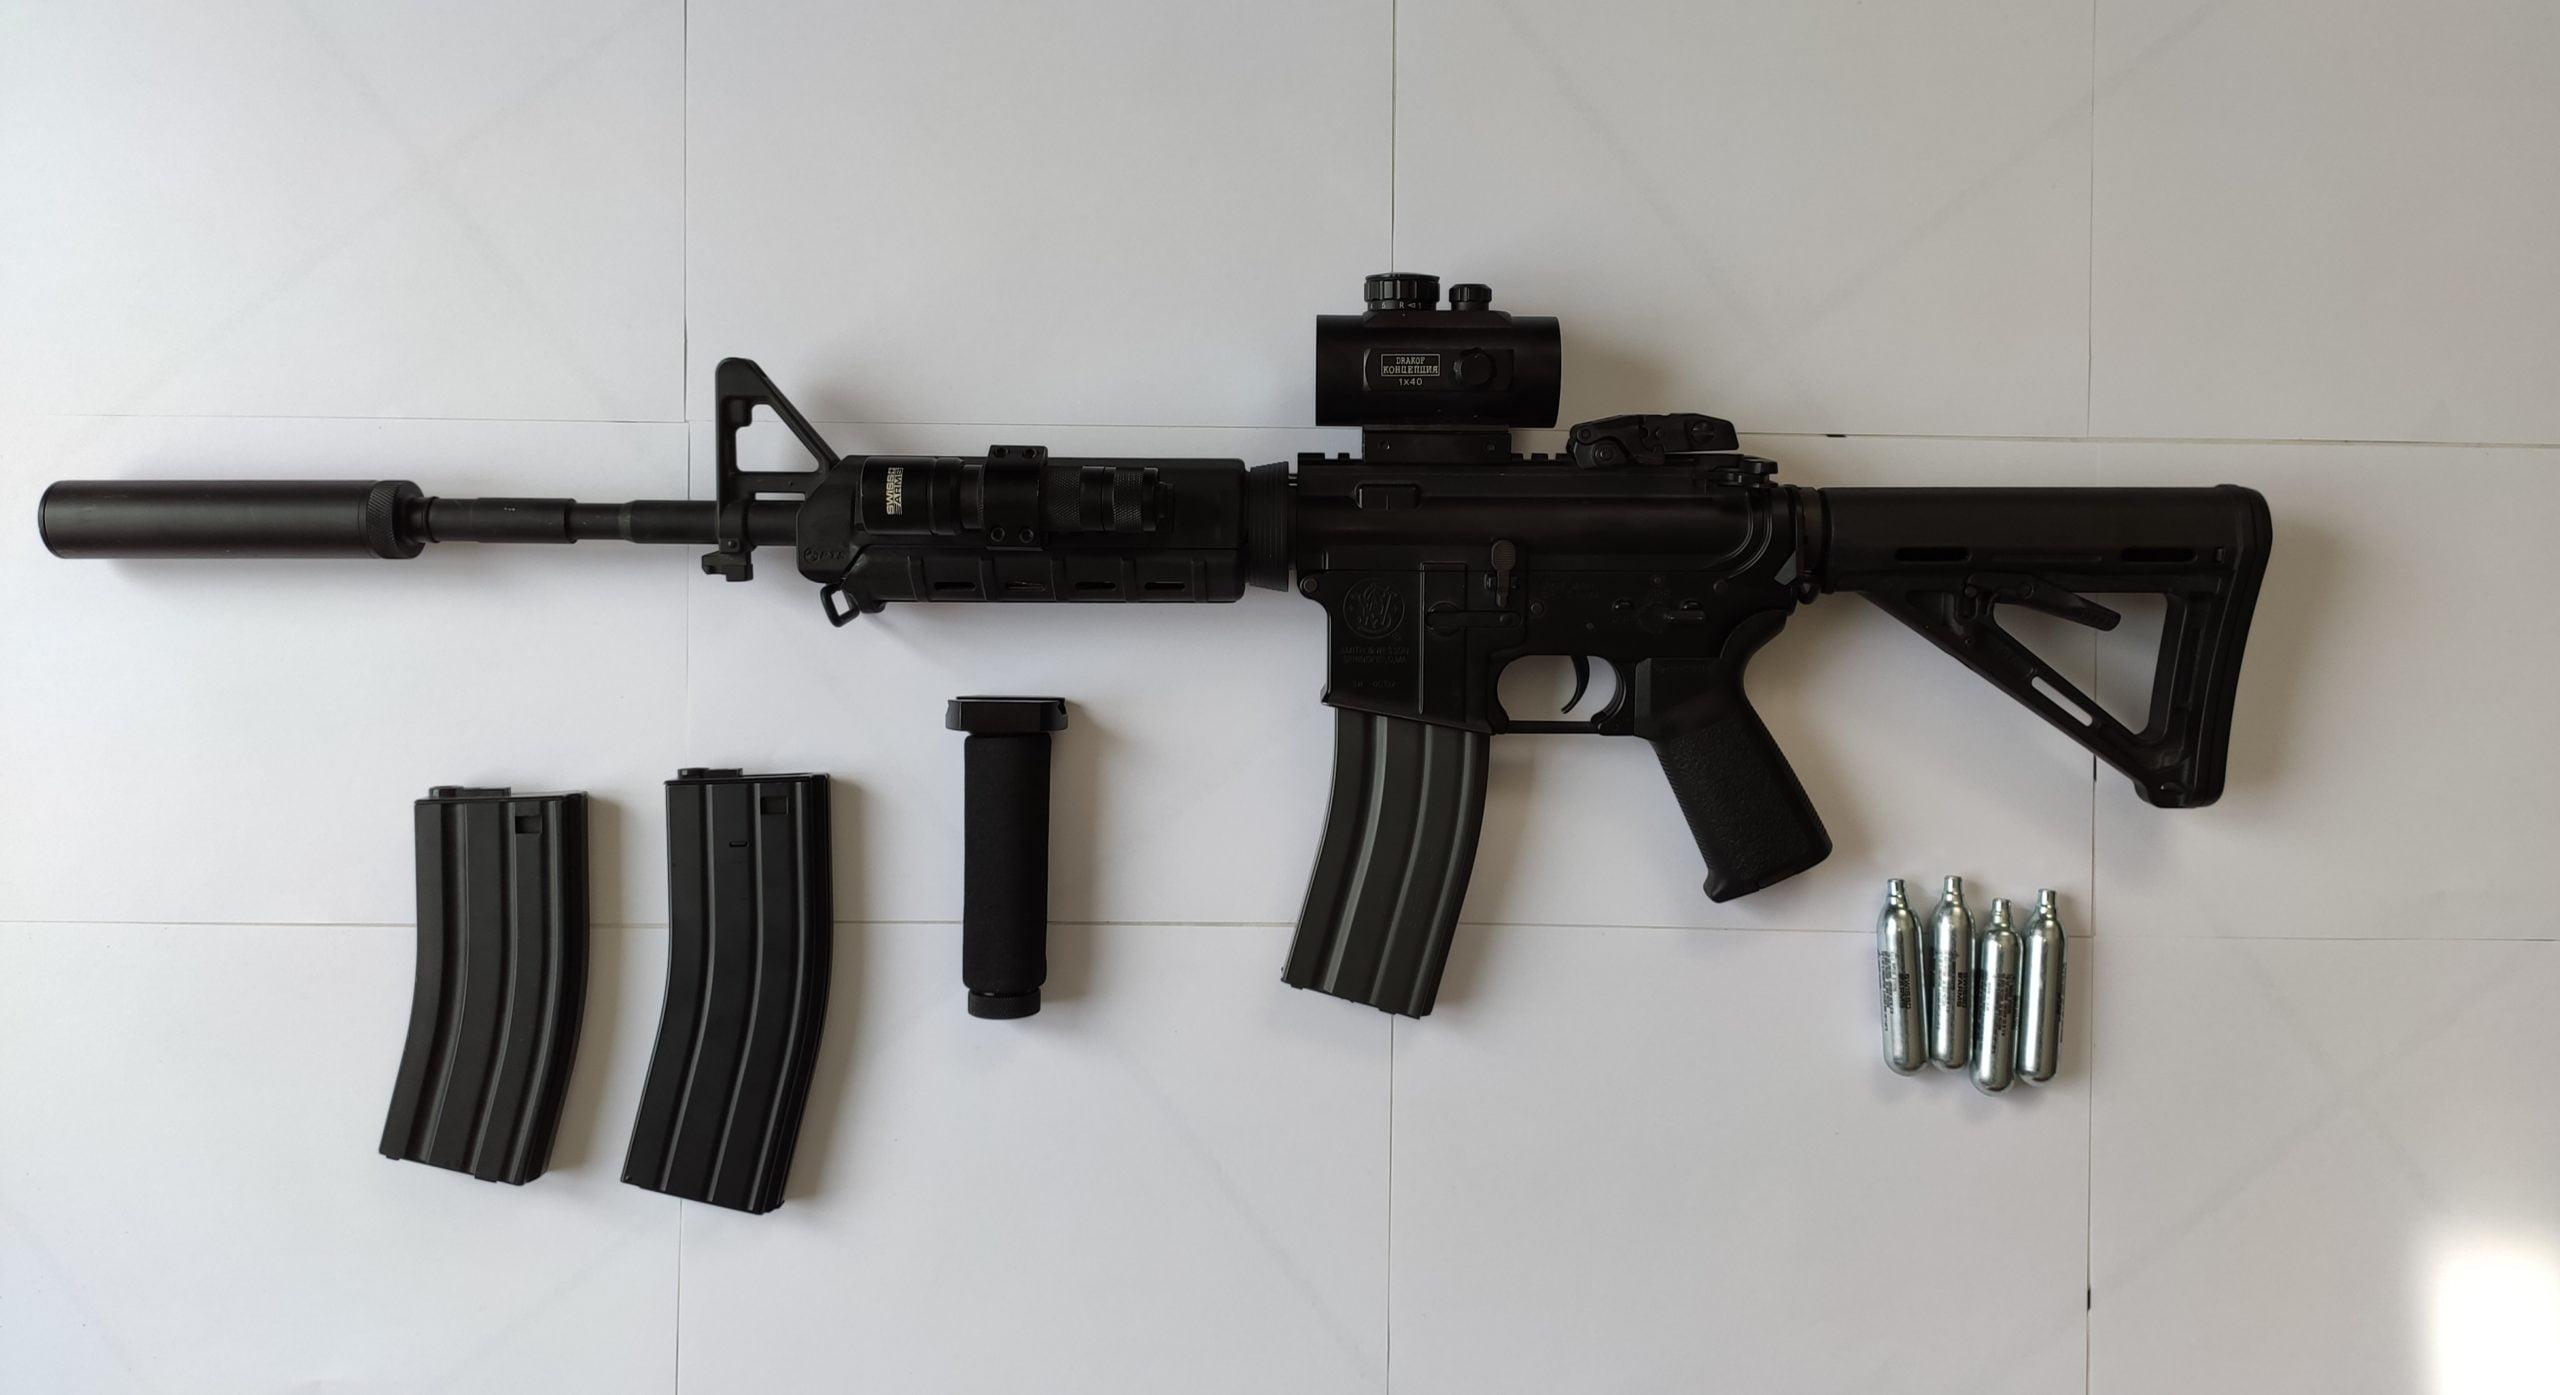 Smith & Wesson M&P 15 Kings Arms équipé MOEp